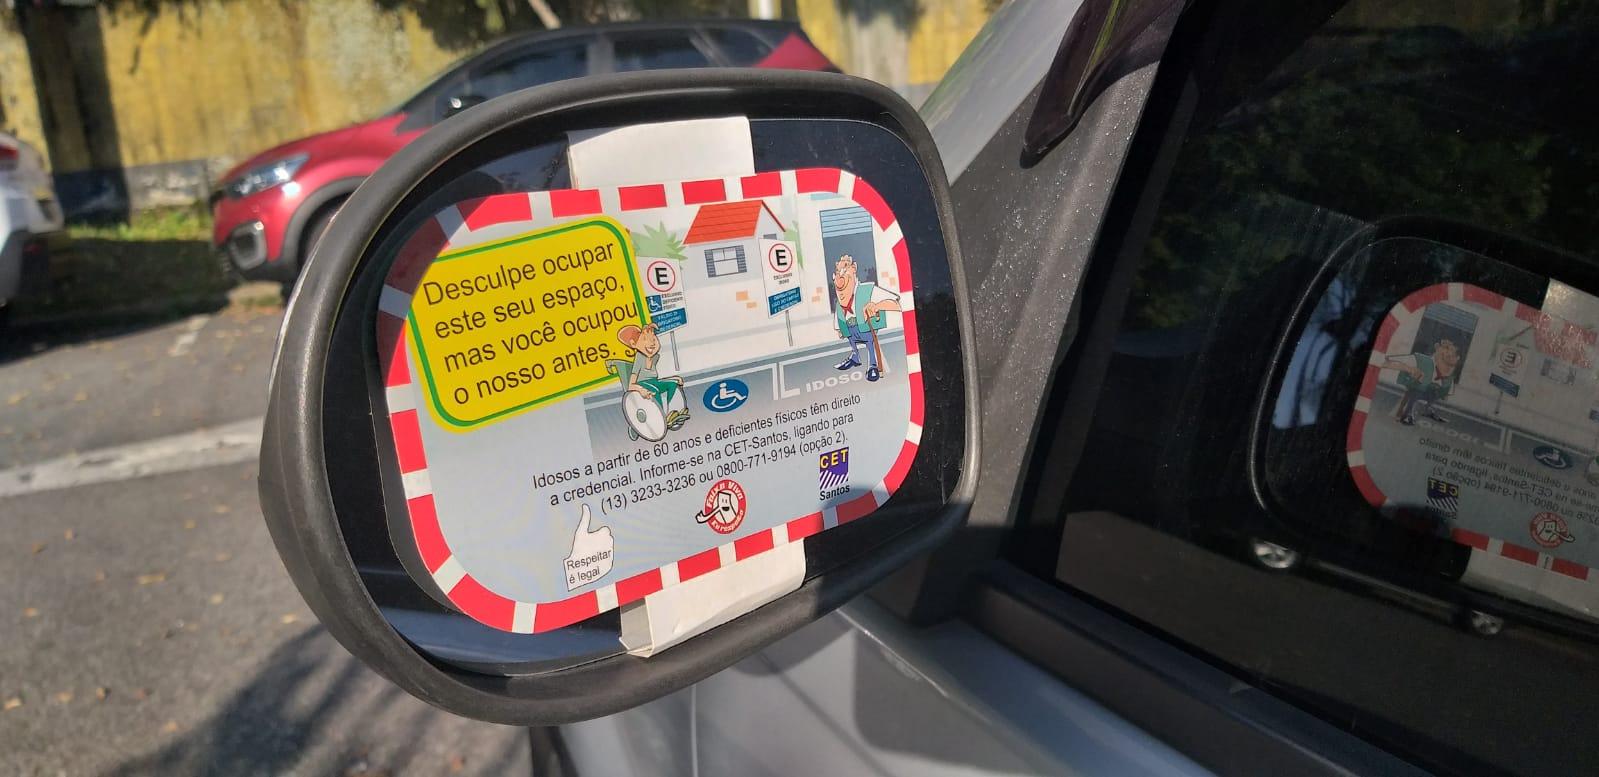 Campanha Respeitar é Legal alerta sobreuso de vagas especiais de estacionamento em Santos